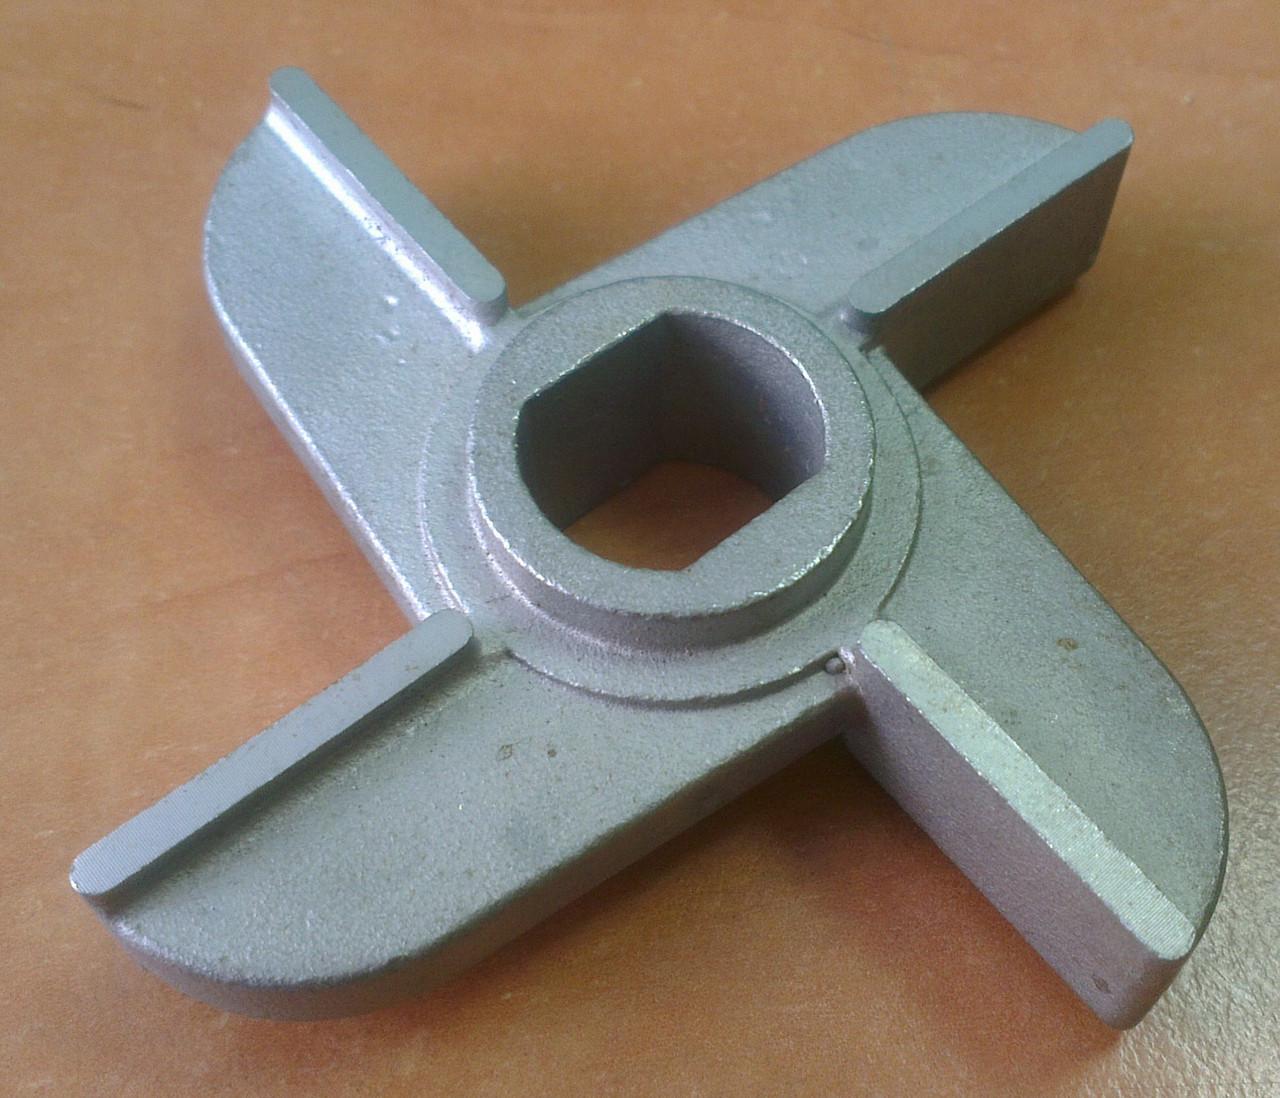 Нож для мясорубки МИМ-300, МИМ-350, МИМ-300М, ТМ-32М - Интернет магазин Лафа в Полтаве